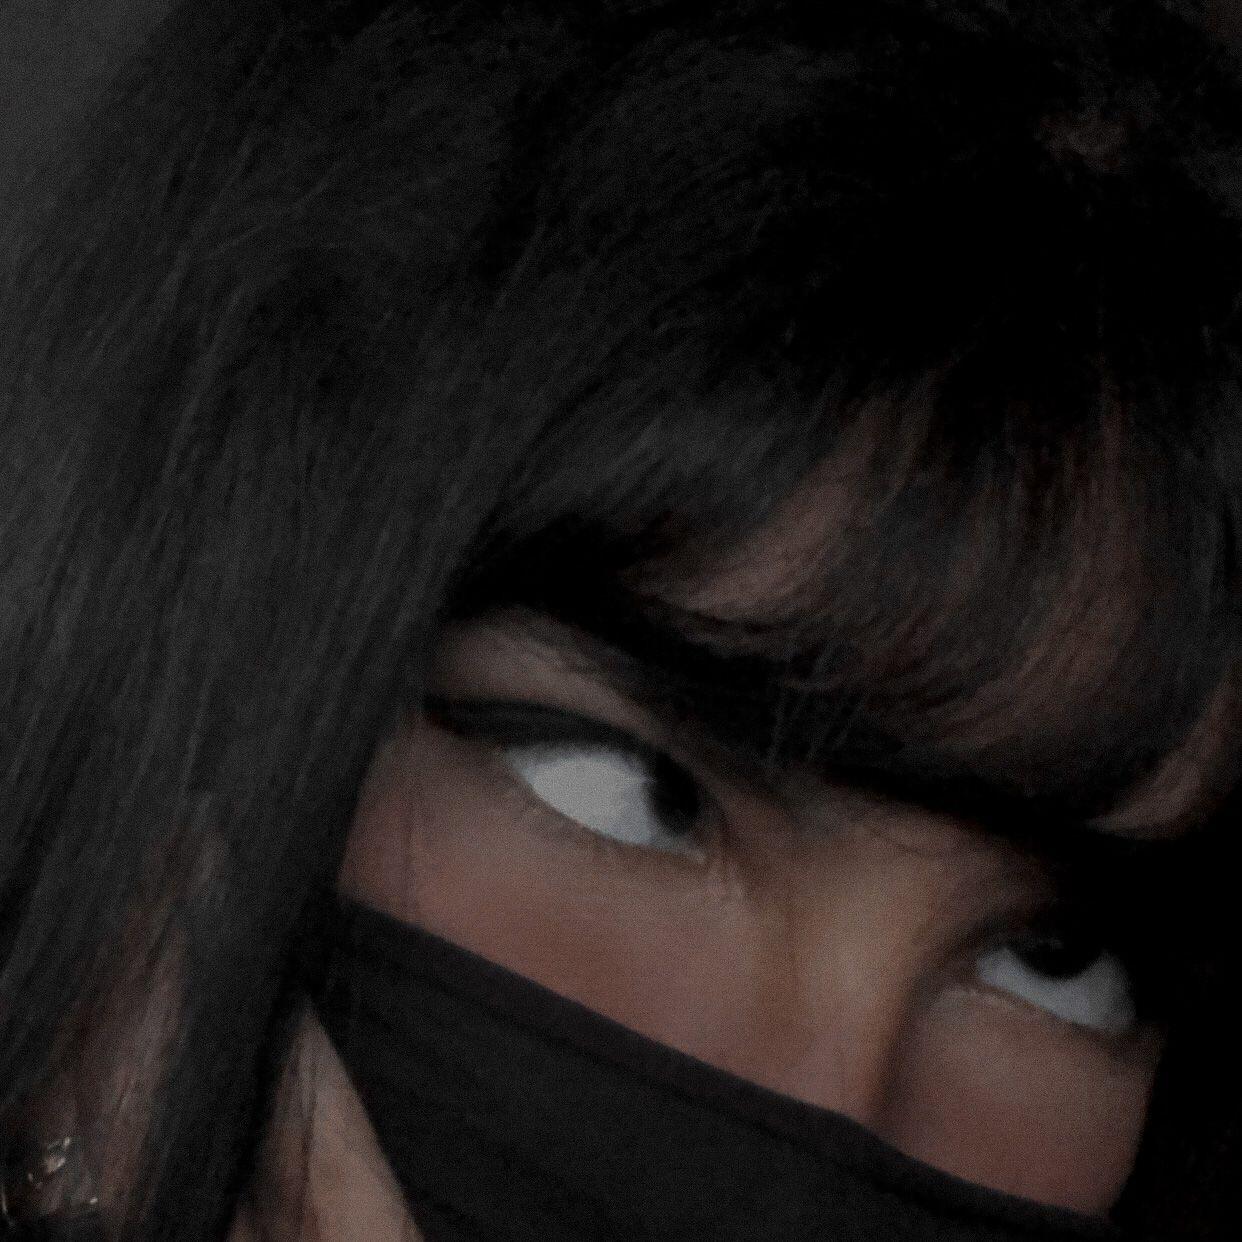 gothprincesxs em 2020 Garotas tumblr rosto, Fotos de